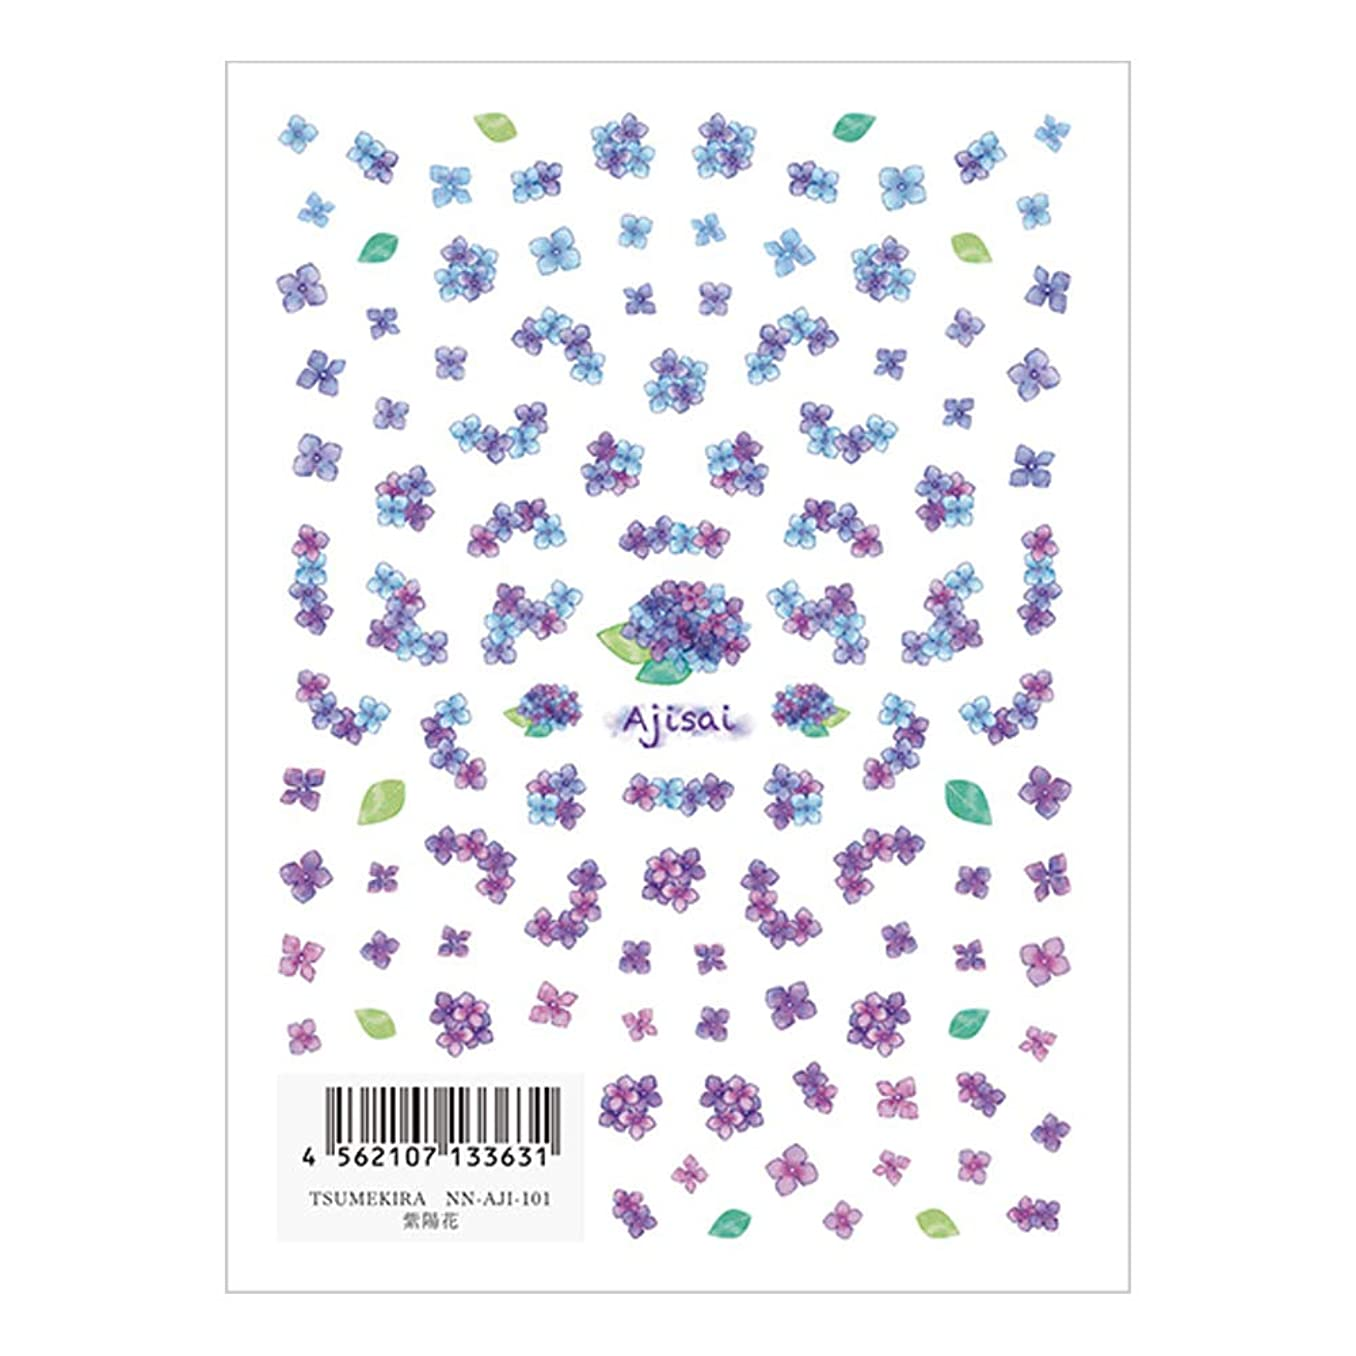 ふつうリラックスした上院ツメキラ ネイル用シール フラワーフォト 紫陽花 ブルー?パープル